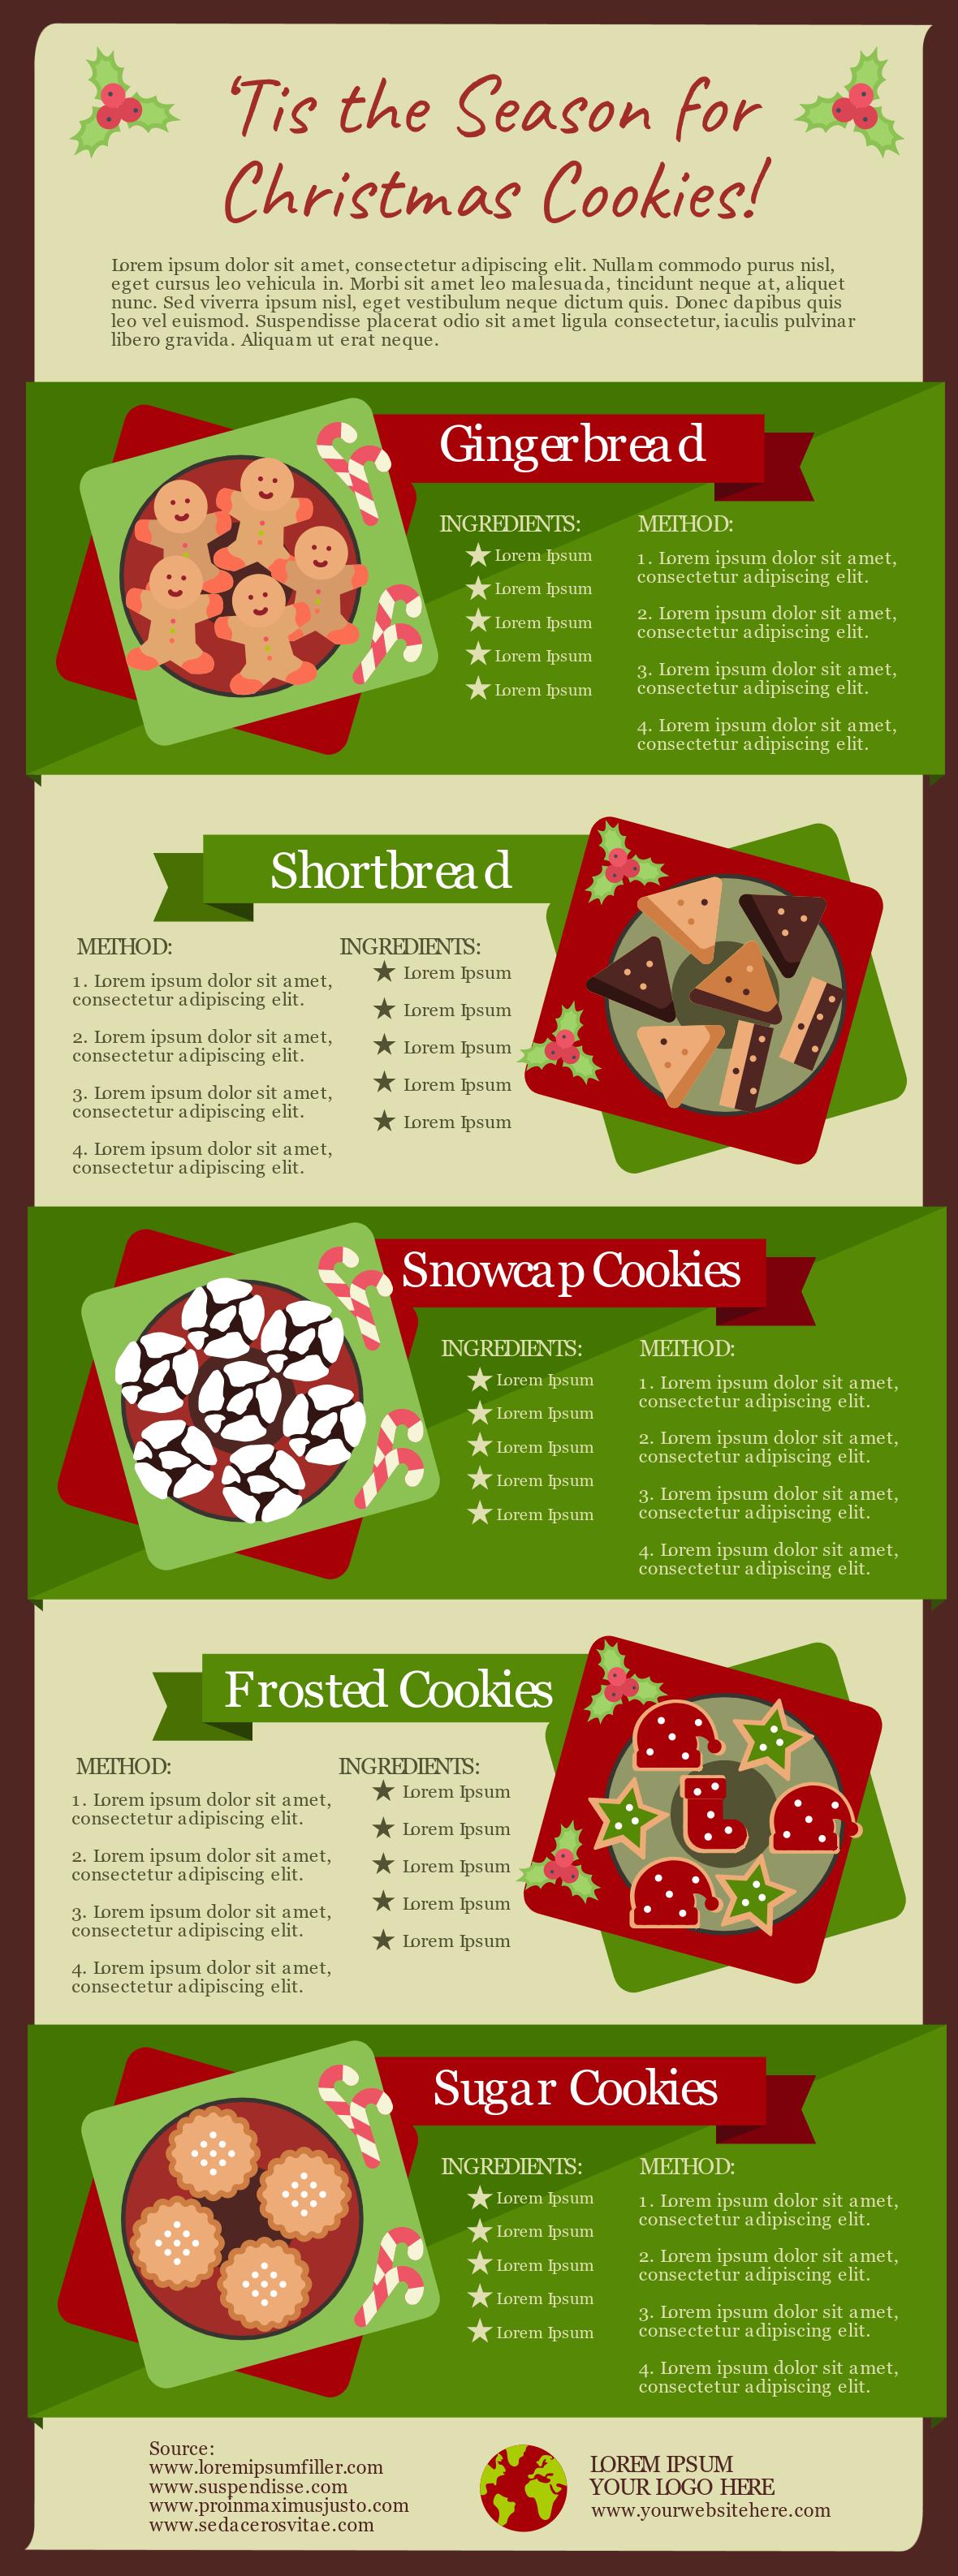 Tis the Season for Christmas Cookies